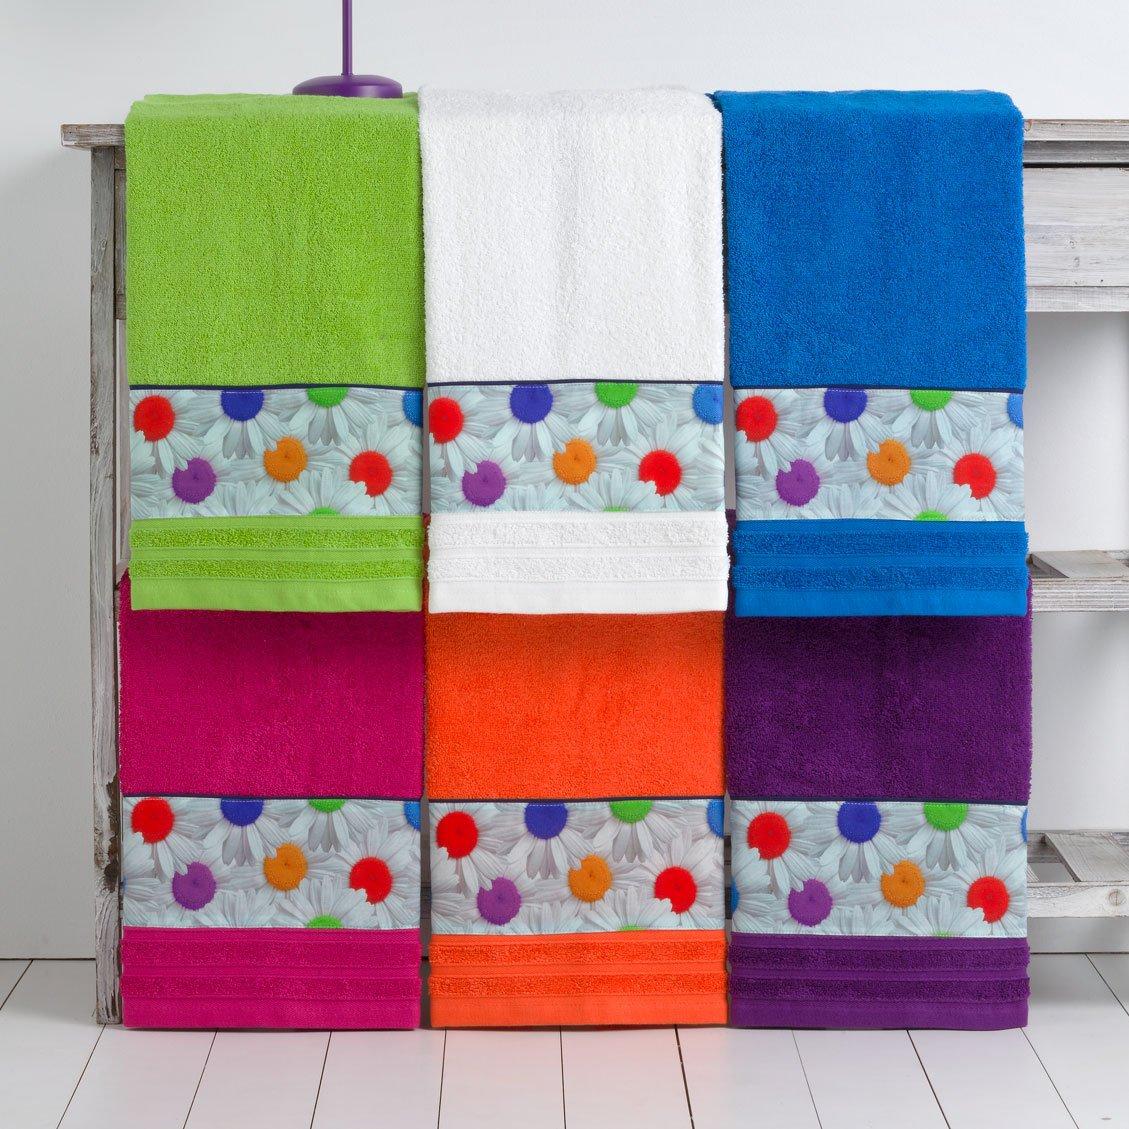 Barceló Hogar 05060060001 Juego 3 toallas con aplique para bidé, lavabo y ducha, modelo Margaritas, rizo americano, blanco: Amazon.es: Hogar